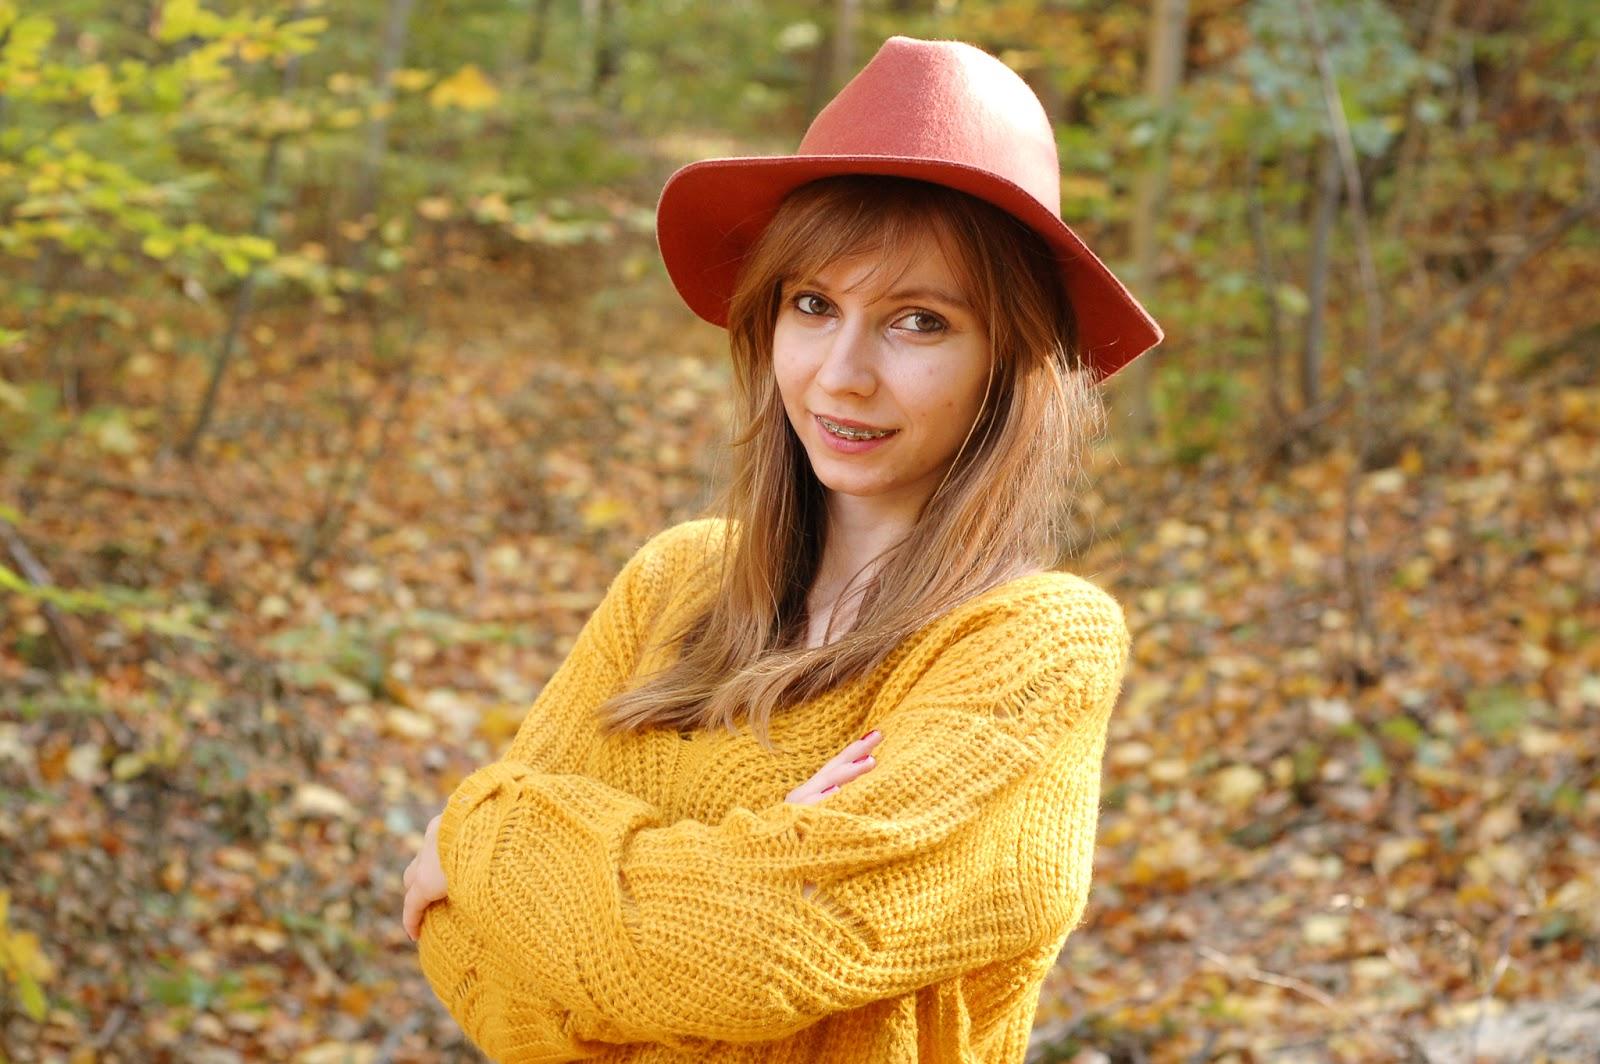 Jesienna stylizacja z żółtym swetrem | BONPRIX